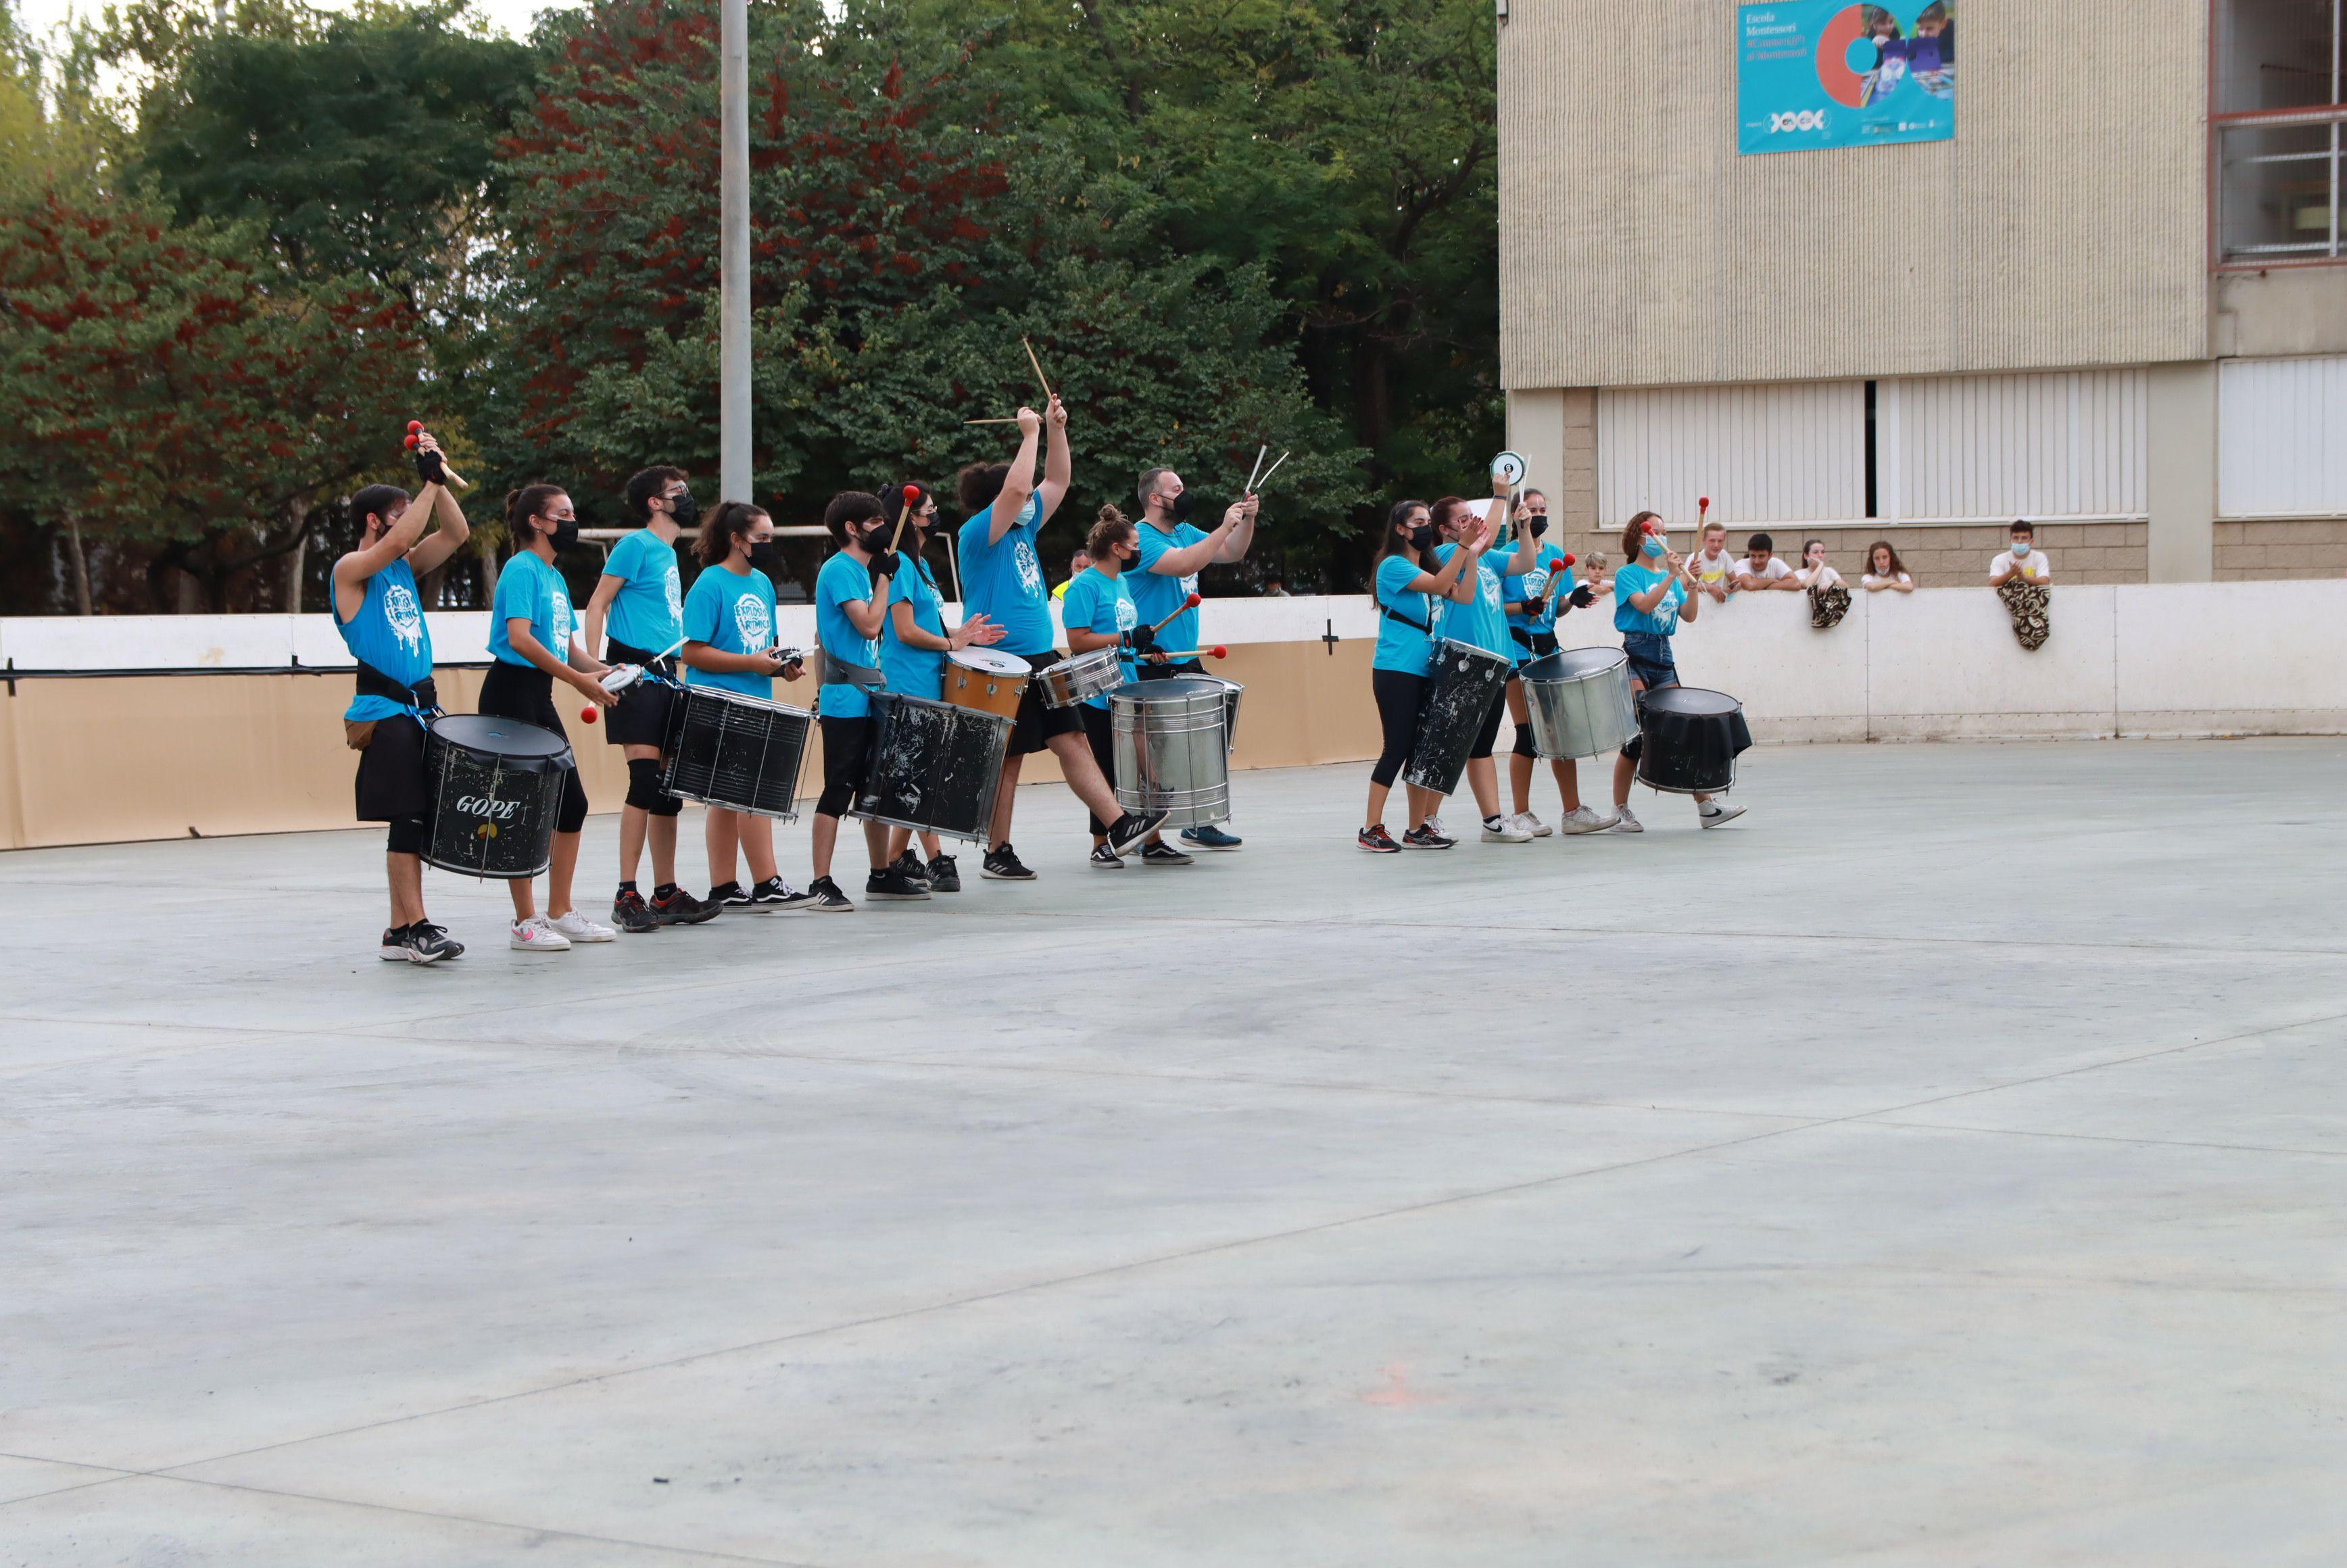 Tabalada a càrrec del grup de percussió Explosió Rítmica. FOTO: Josep Llamas